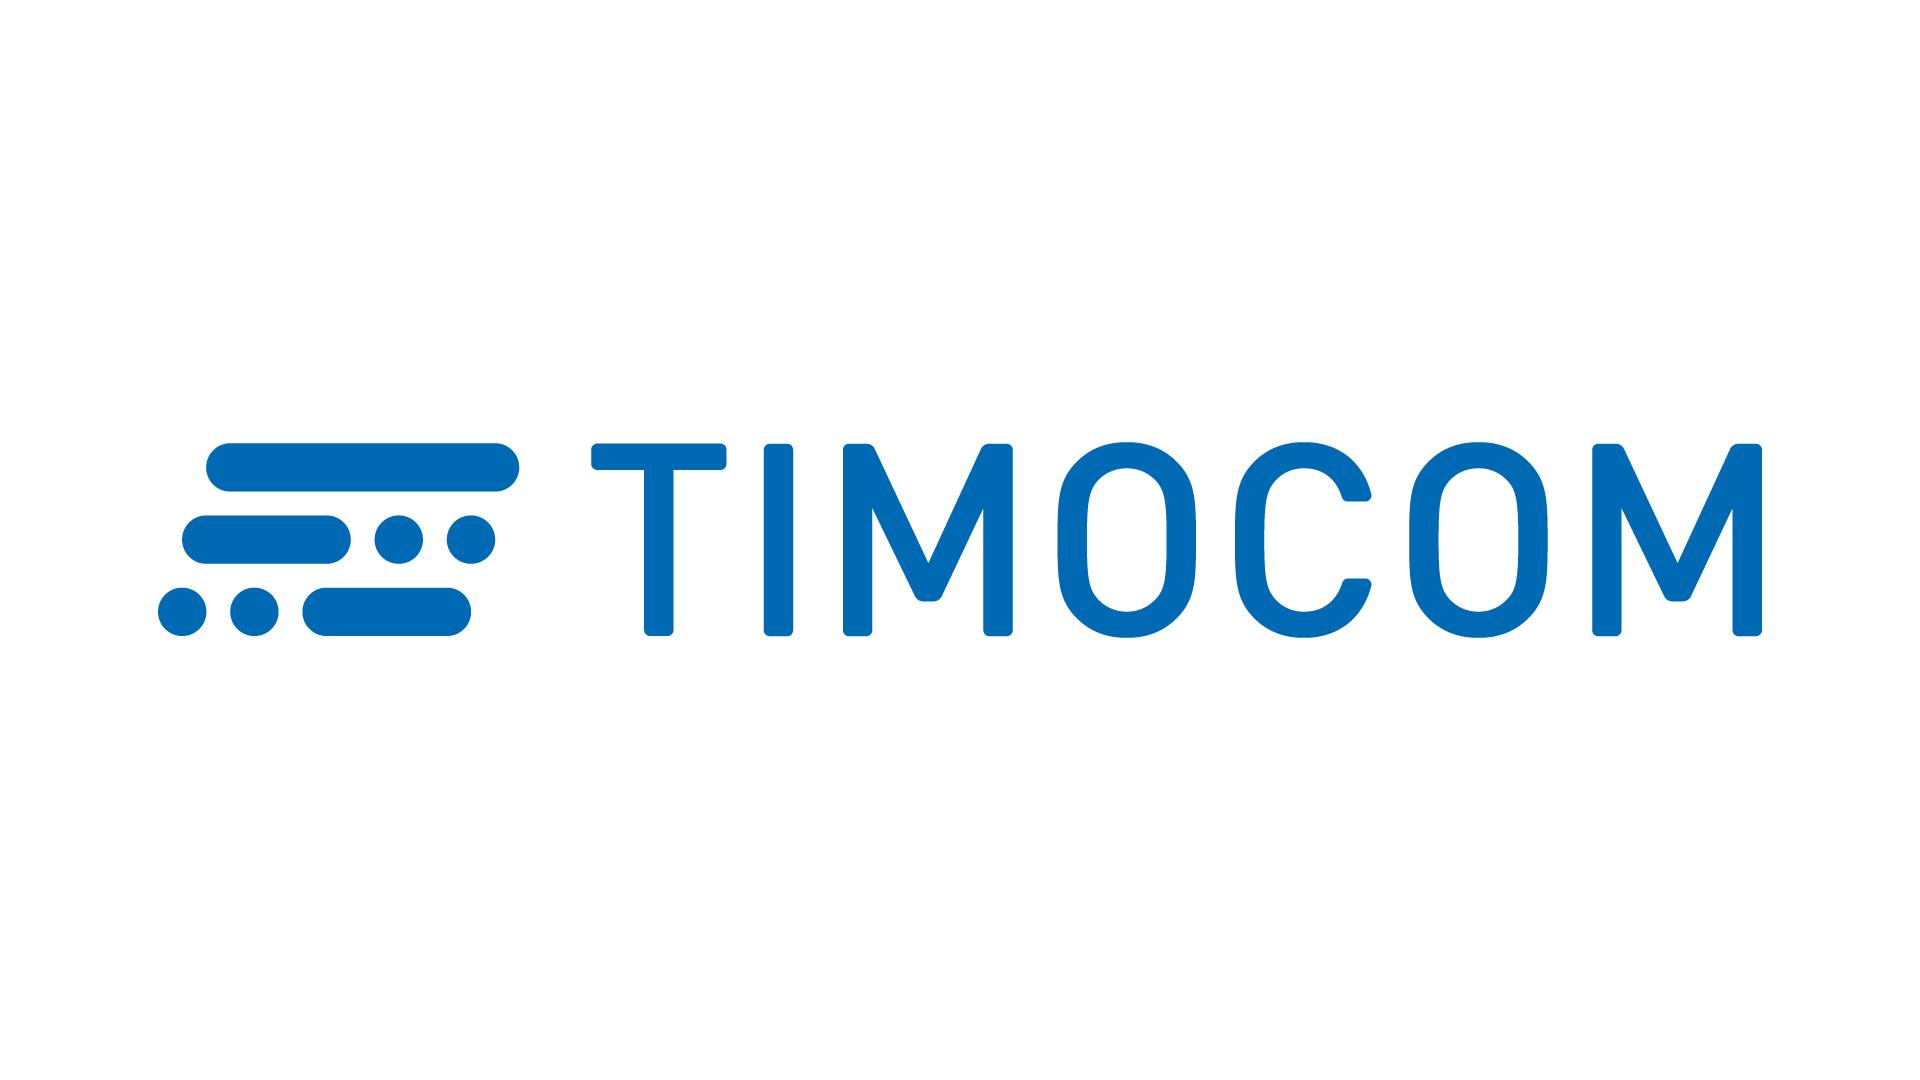 Das Logo von TimoCom